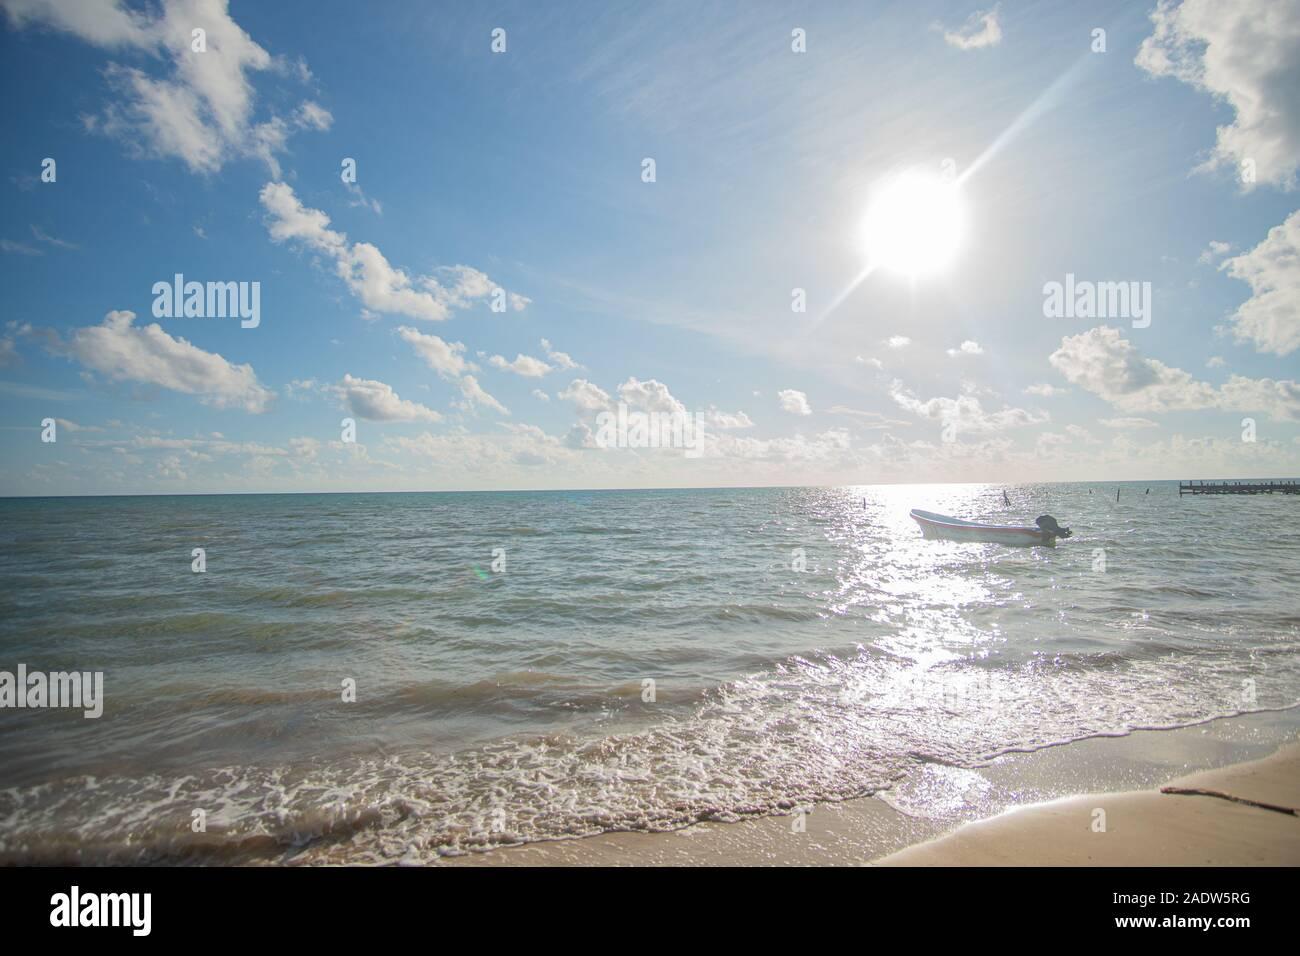 Heavenly Beach en Punta Allen, en el Mar Caribe Foto de stock